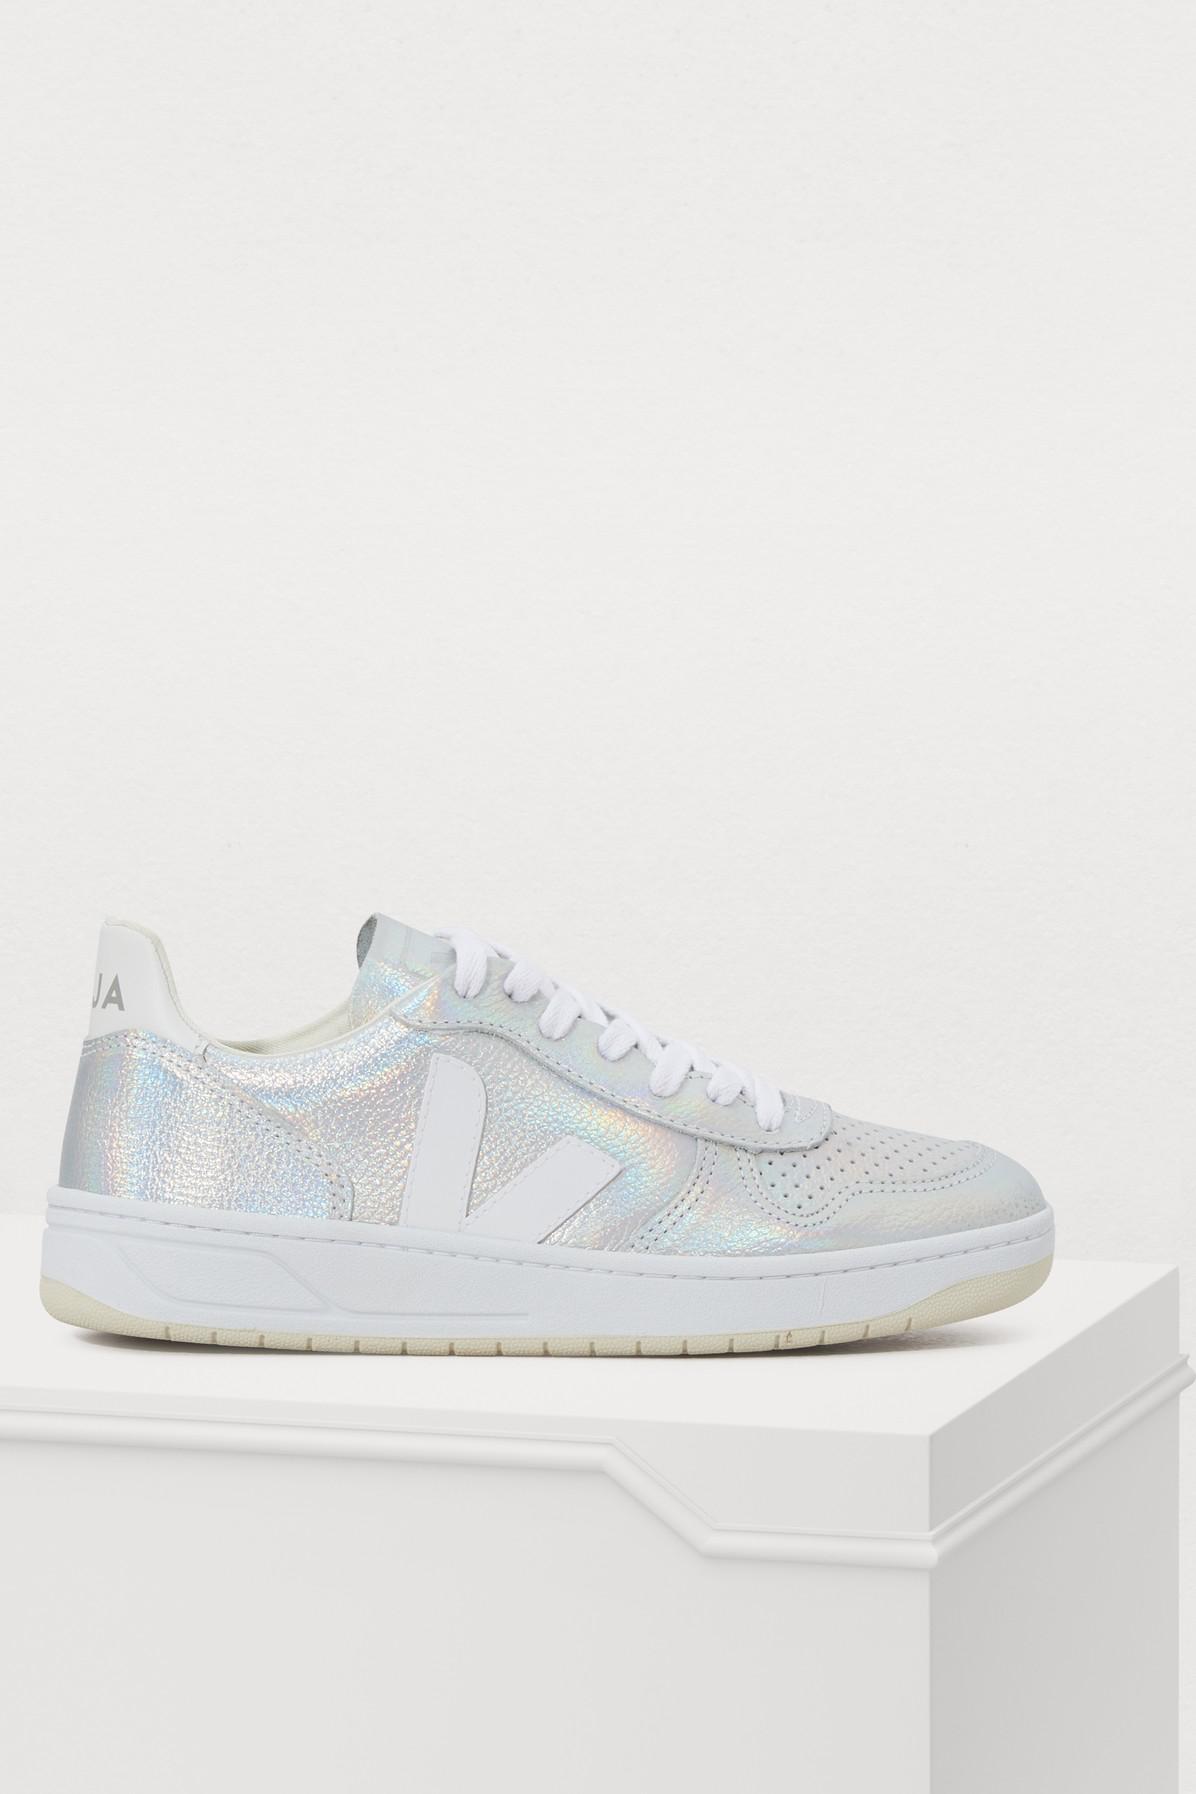 Veja V-10 Metallic Leather Sneakers In Unicorn/White